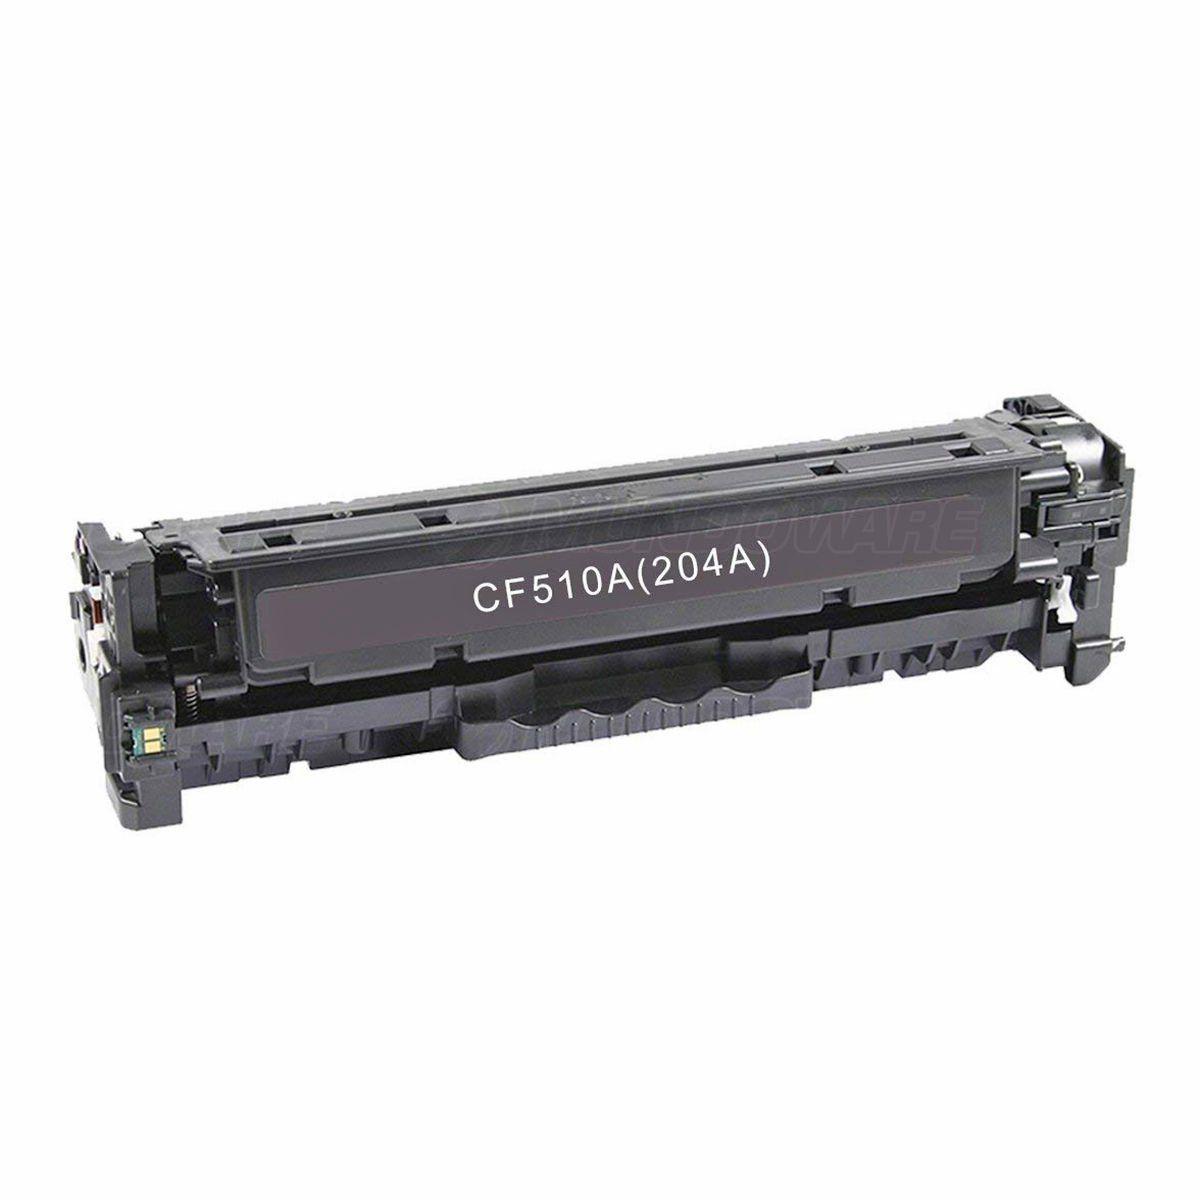 Compatível: Toner CF510A 204A para Impressora HP M154a M154nw M180n M180nw M181 M181fw M-154nw 180nw / Preto / 1.100